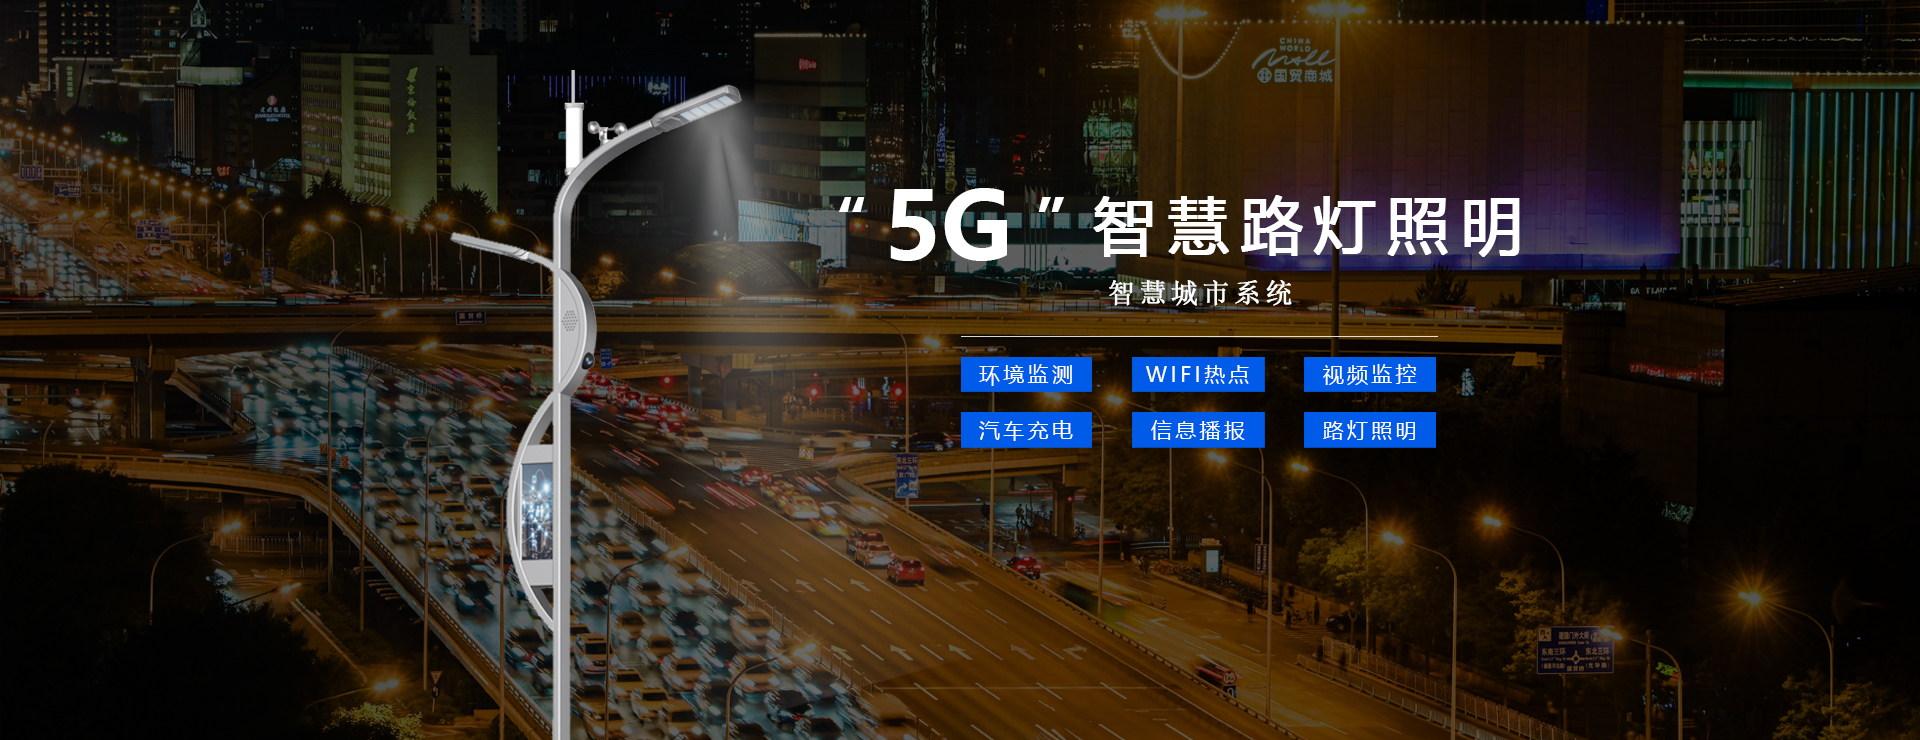 城市5G智慧照明系统